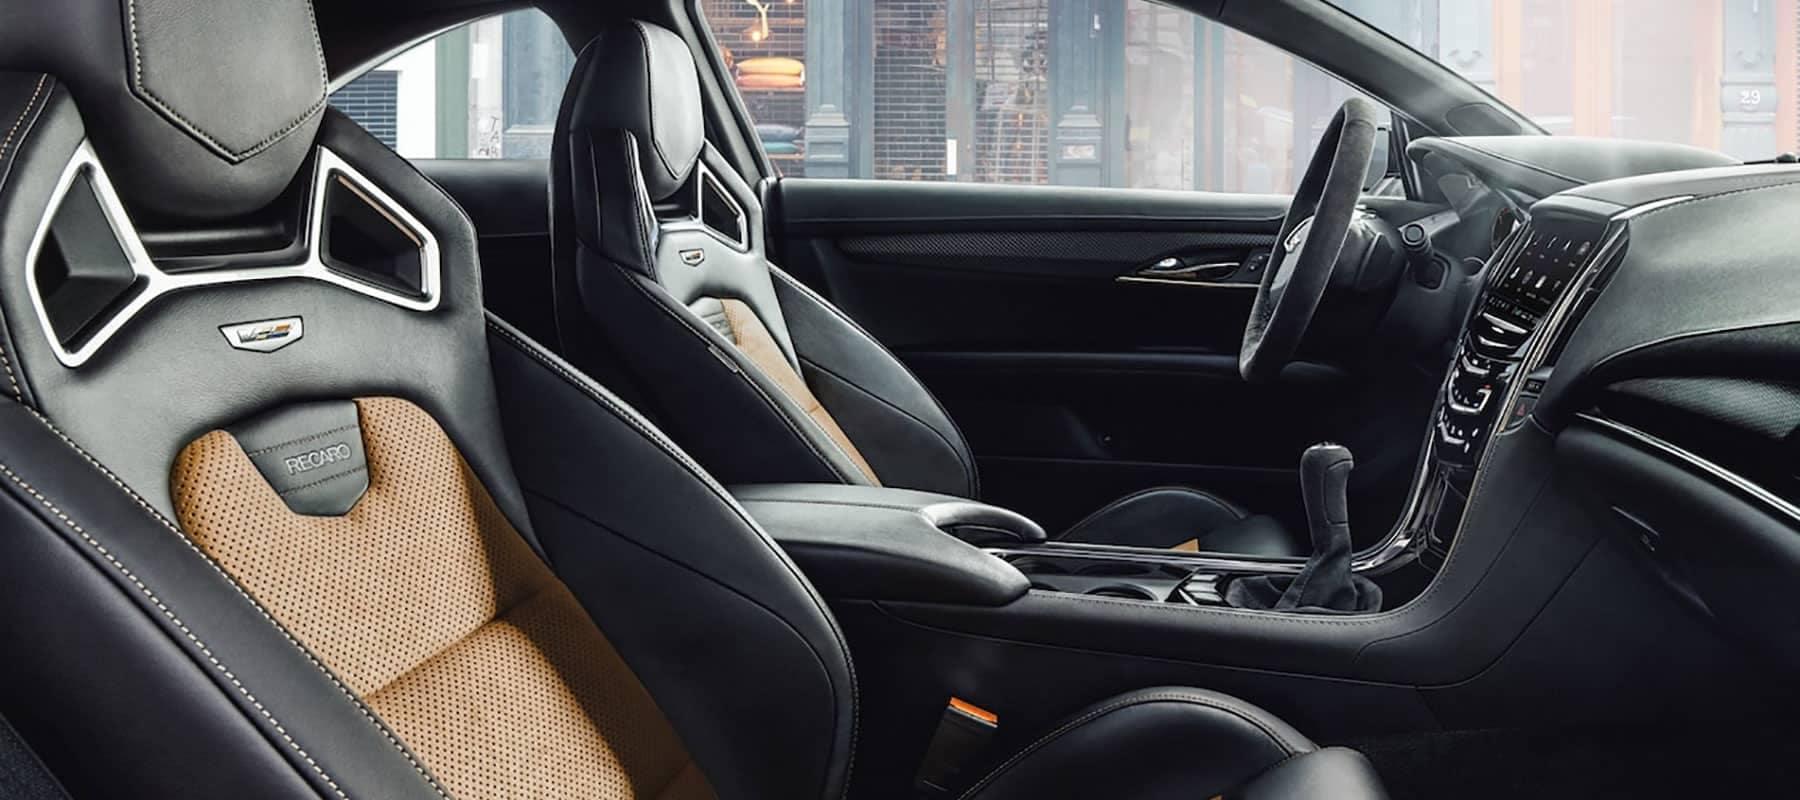 Cadillac Banner image -  Cadillac-ATS-V-Coupe-Interior.